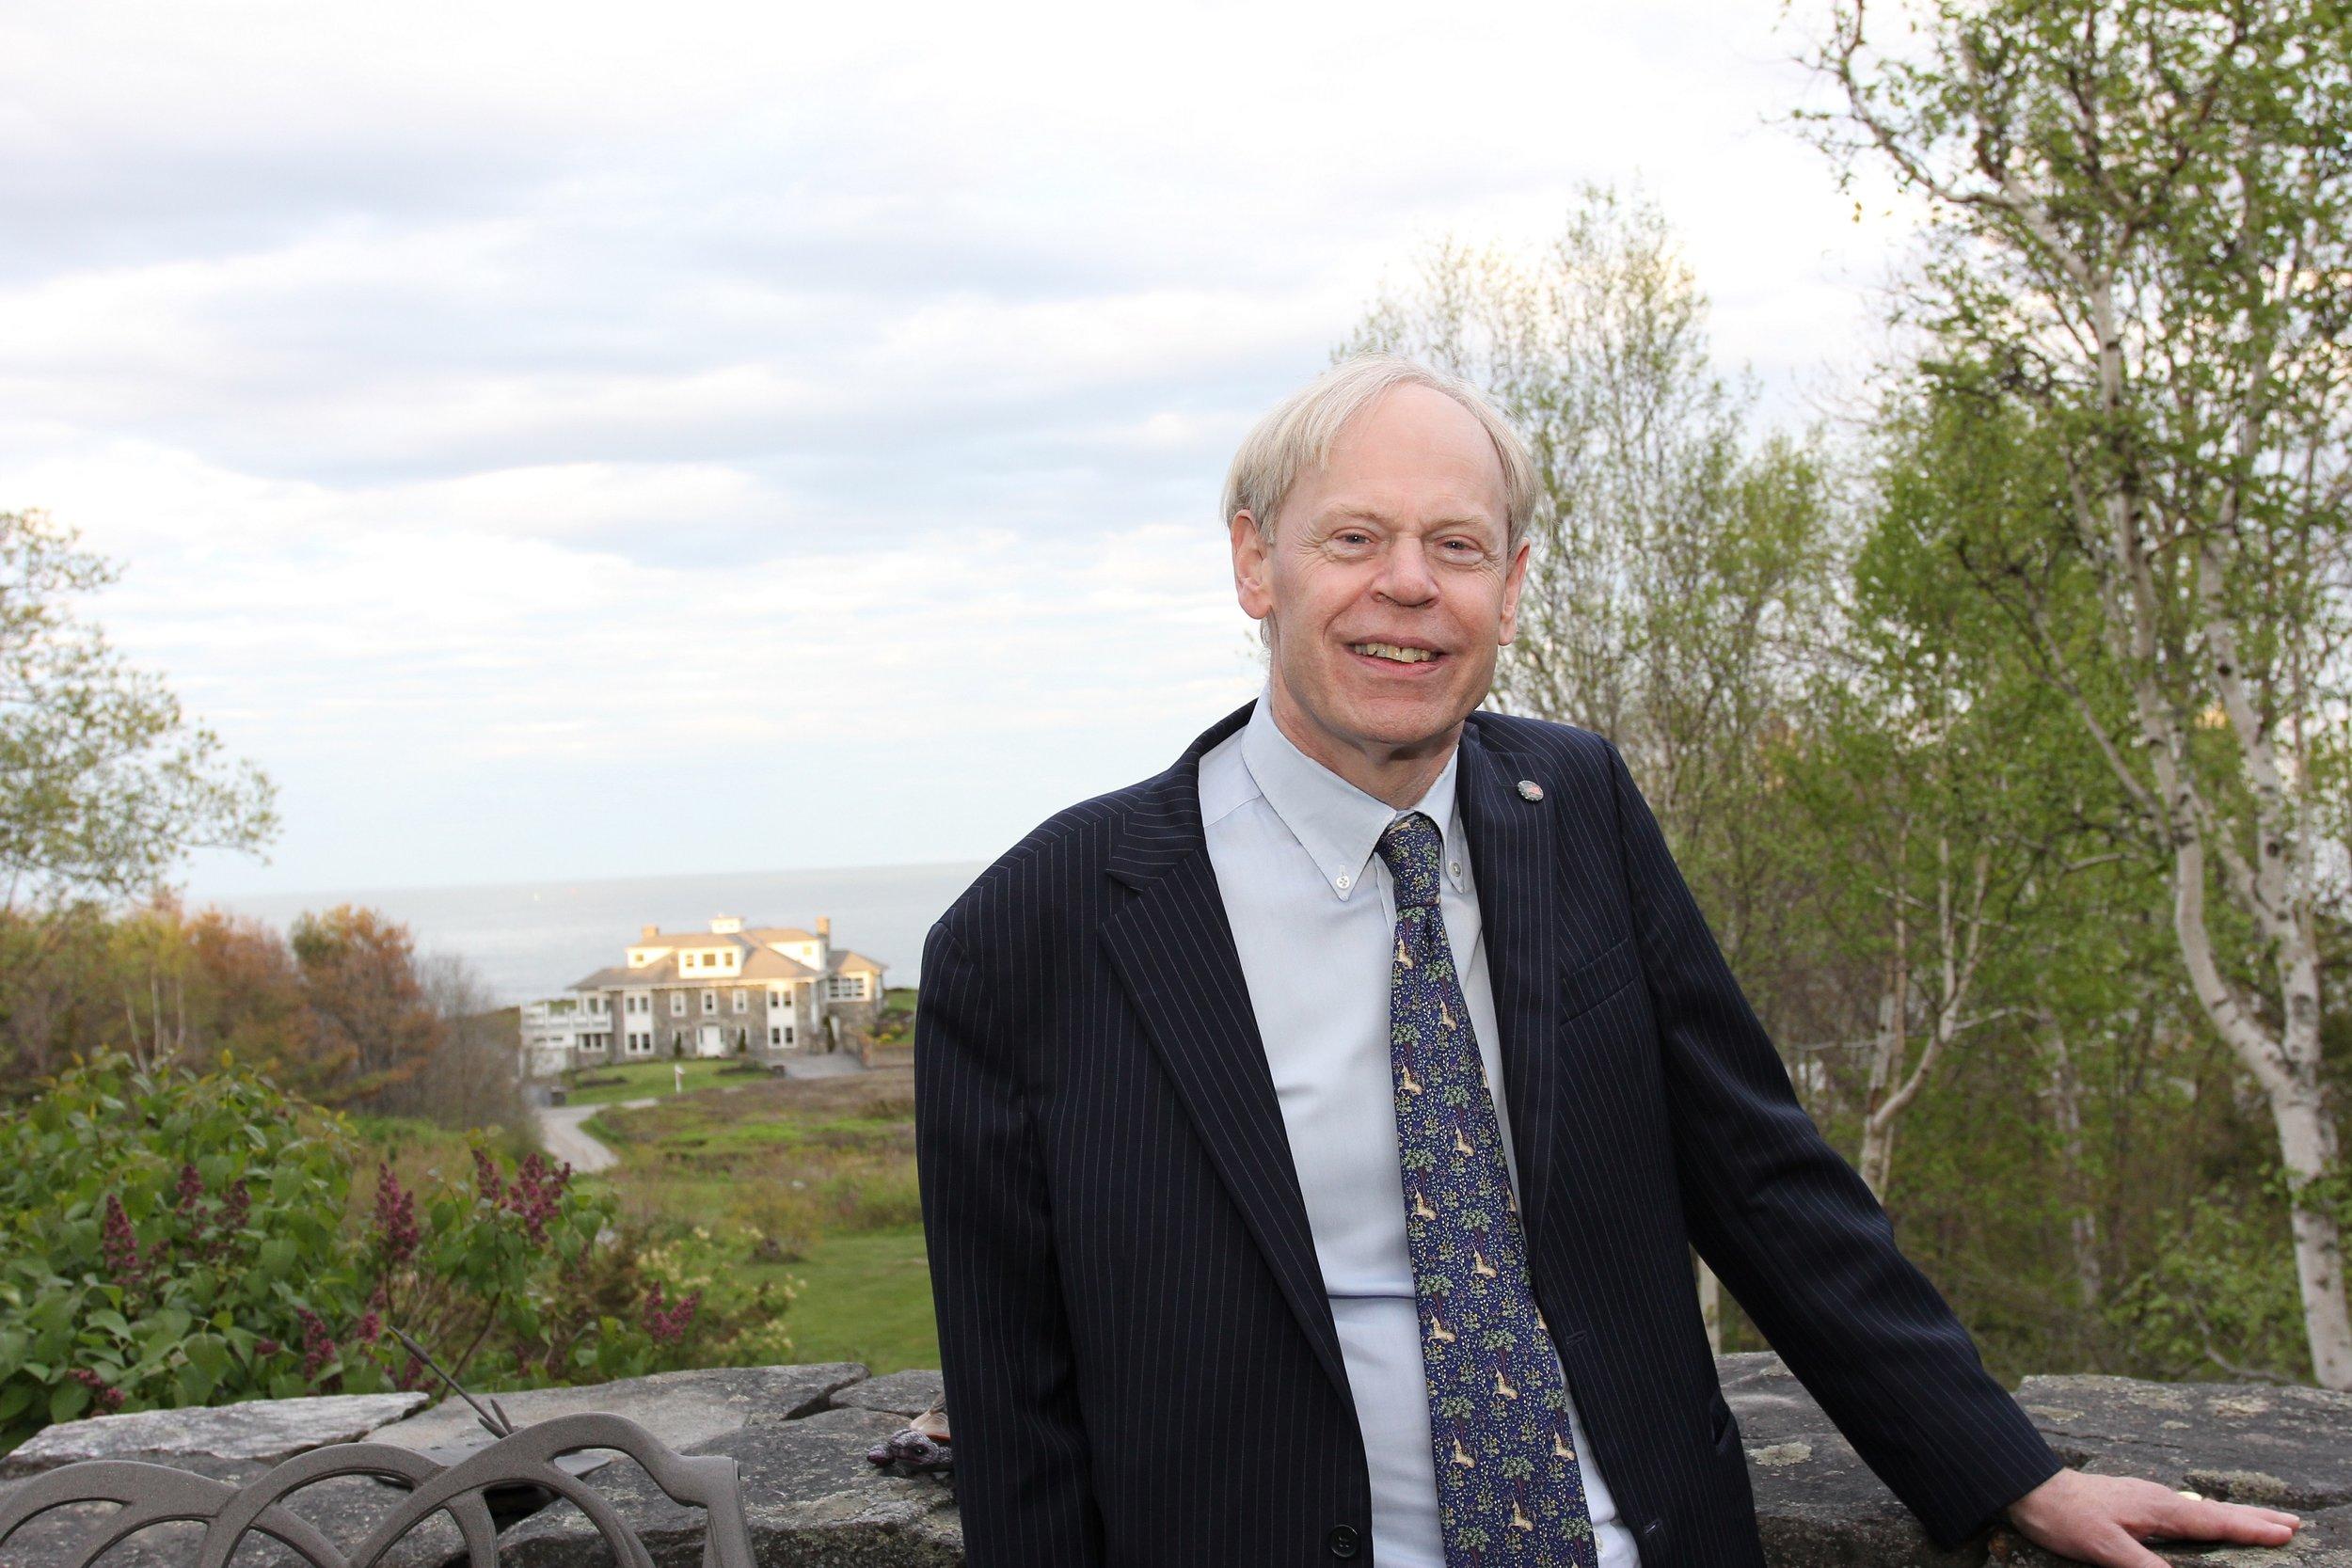 Earle Shettleworth at Delano Park 2013.jpg